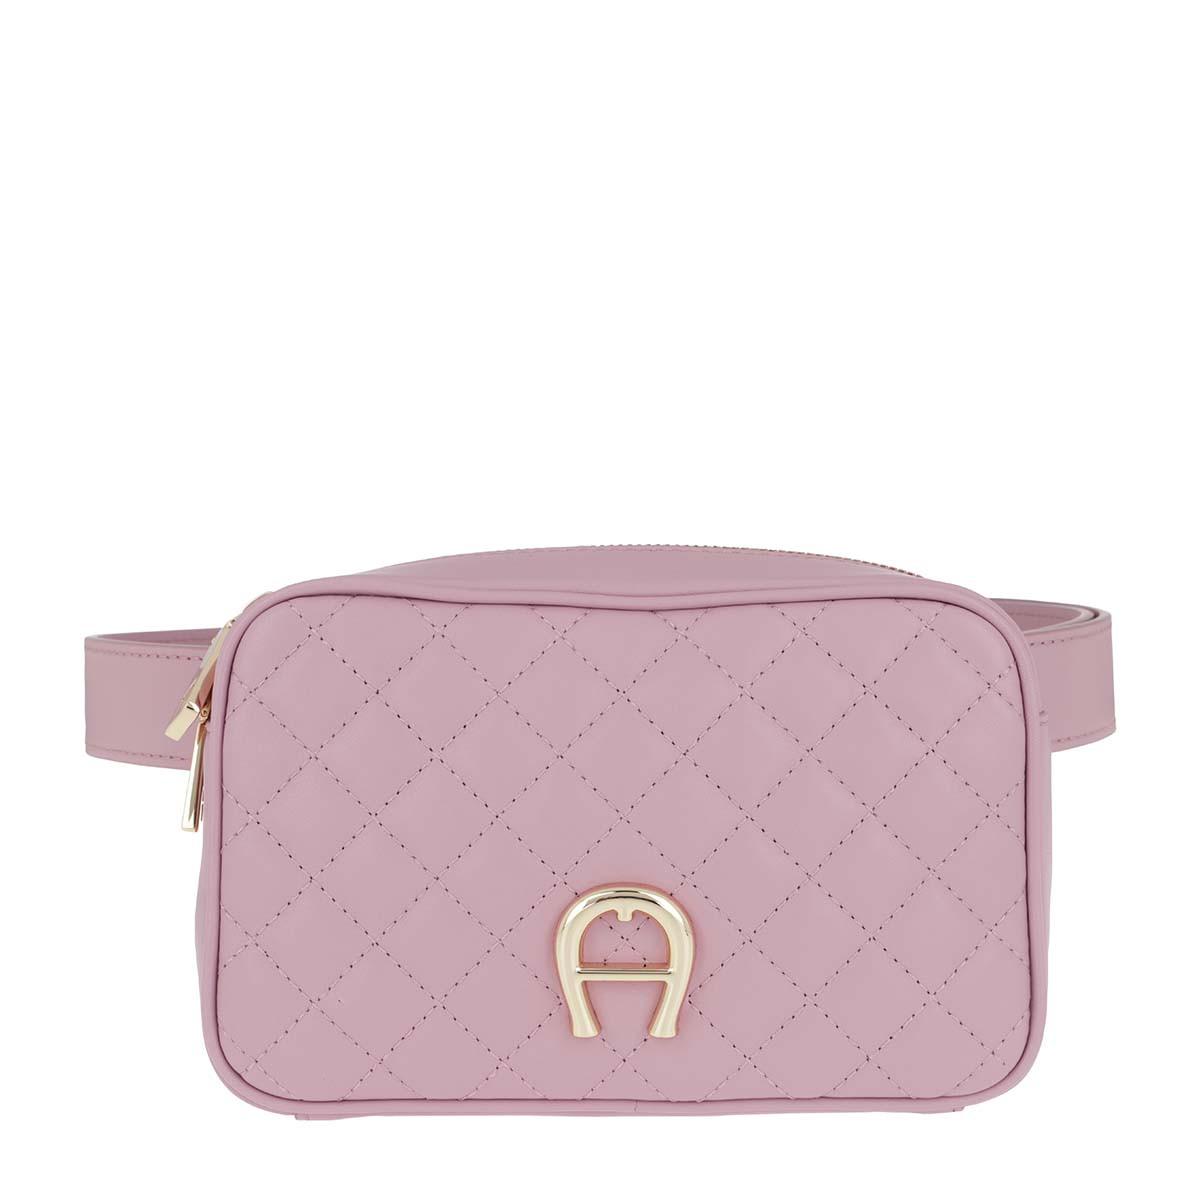 Aigner Gürteltasche - Garda Beltbag Light Mauve - in rosa - für Damen